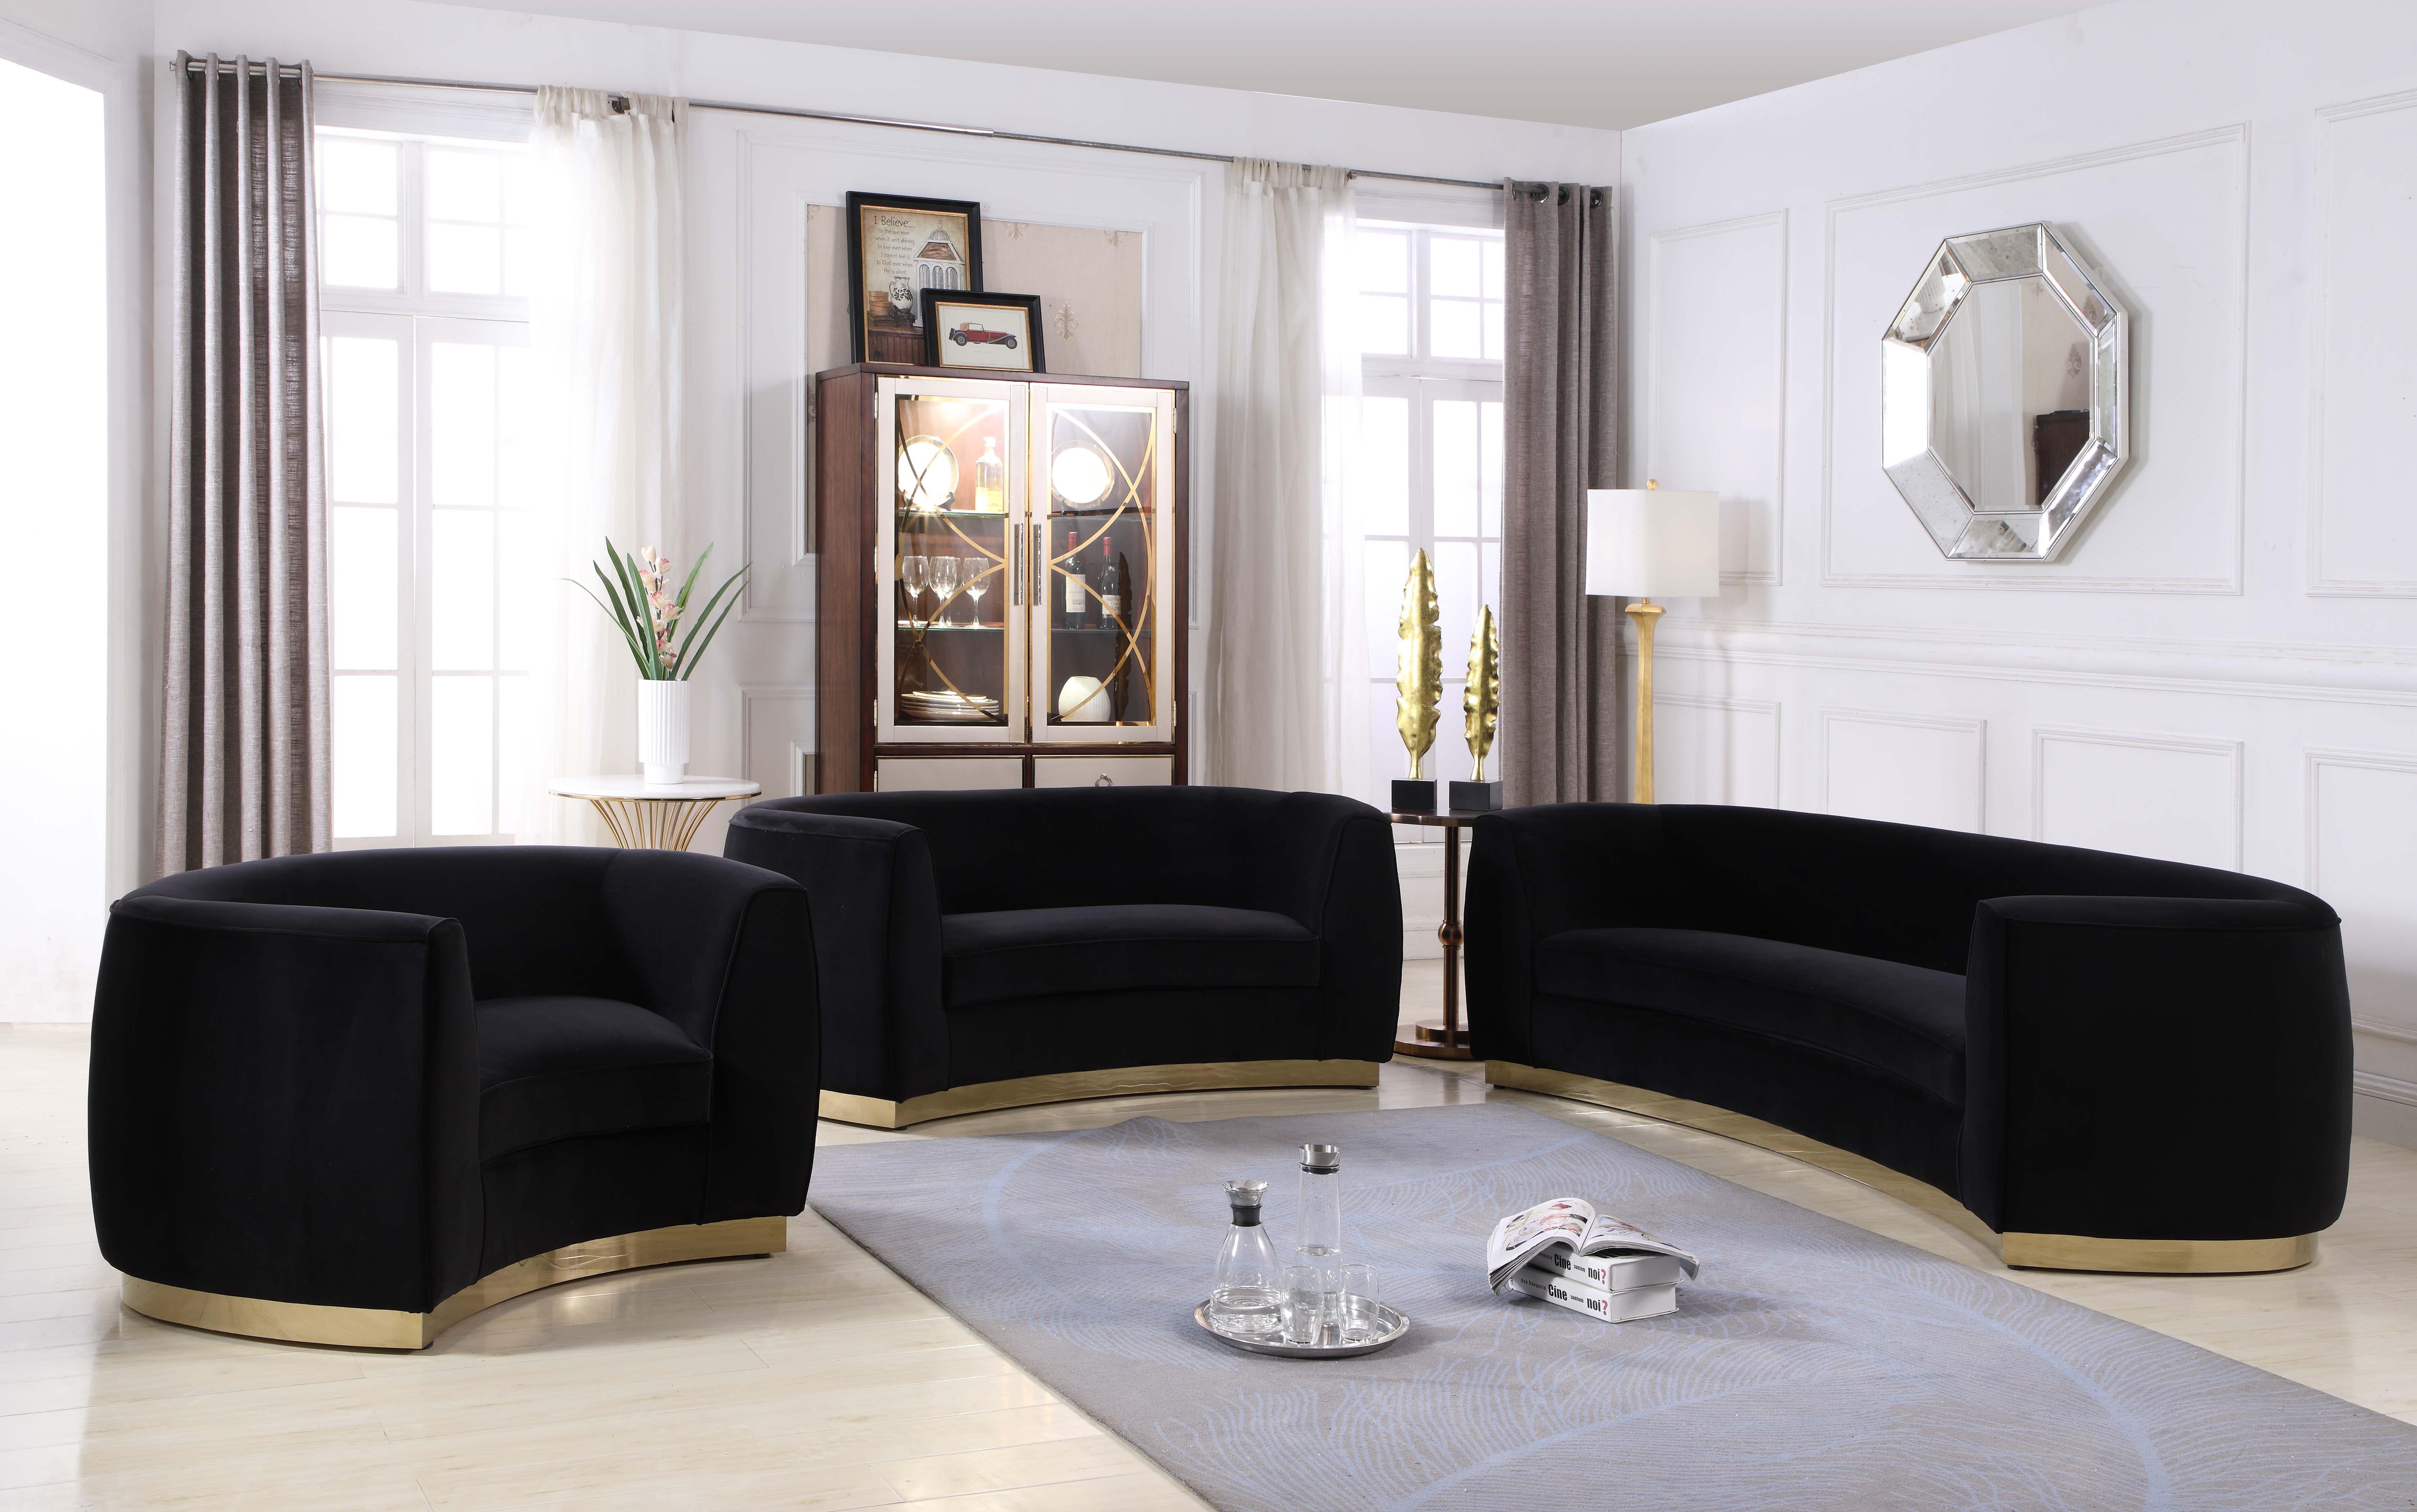 Meridian Furniture Julian 620 Black Velvet Sofa Loveseat Chair Set 3pcs Modern 620black Set 3